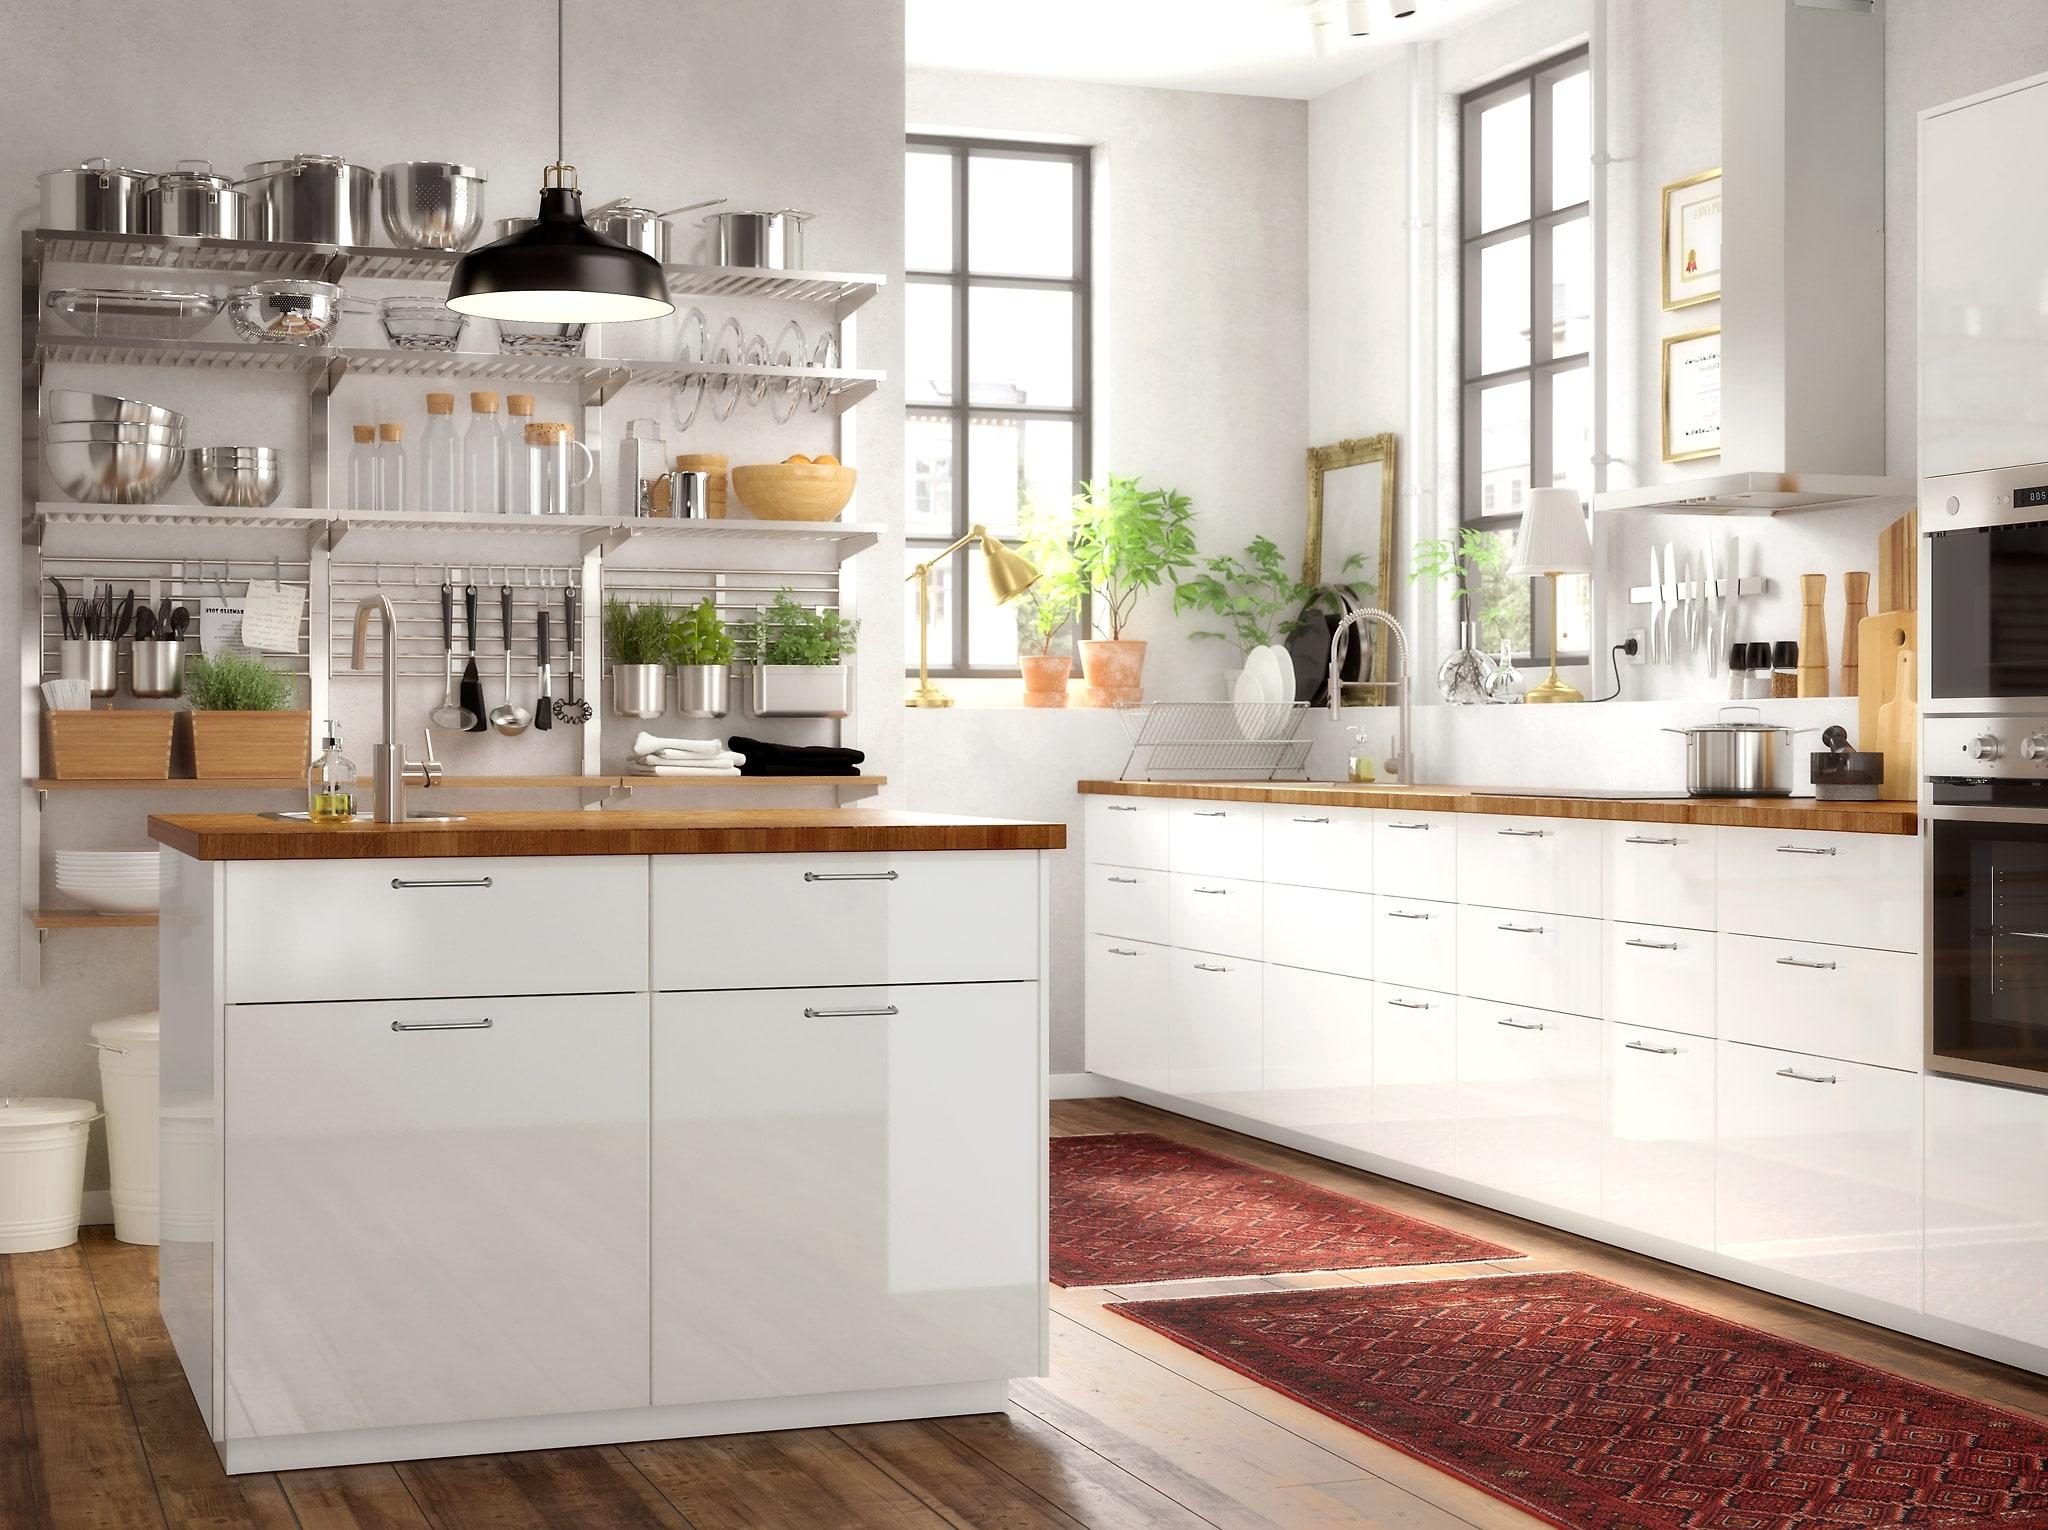 Muebles De Cocina Ikea Txdf Muebles De Cocina Y Electrodomà Sticos Pra Online Ikea